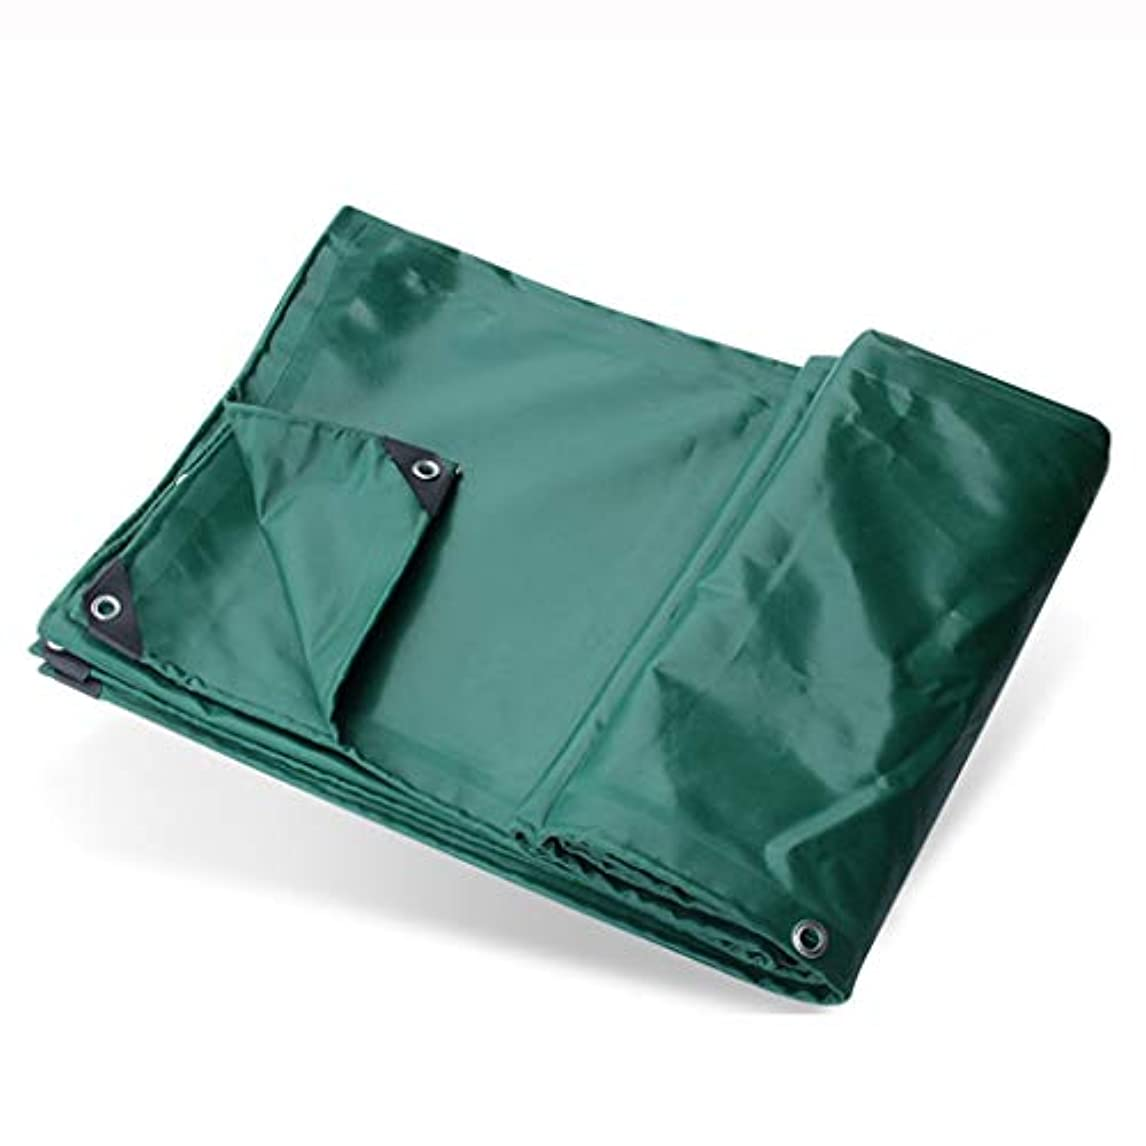 十二ディスコ完了アウトドア 日よけ厚手の防水布防水シート3つの反布雨の防水シートポリ塩化ビニールの上塗を施してある布車の防水シート緑のゴム製防水シート良質 テント (Color : Green, Size : 500*700cm)